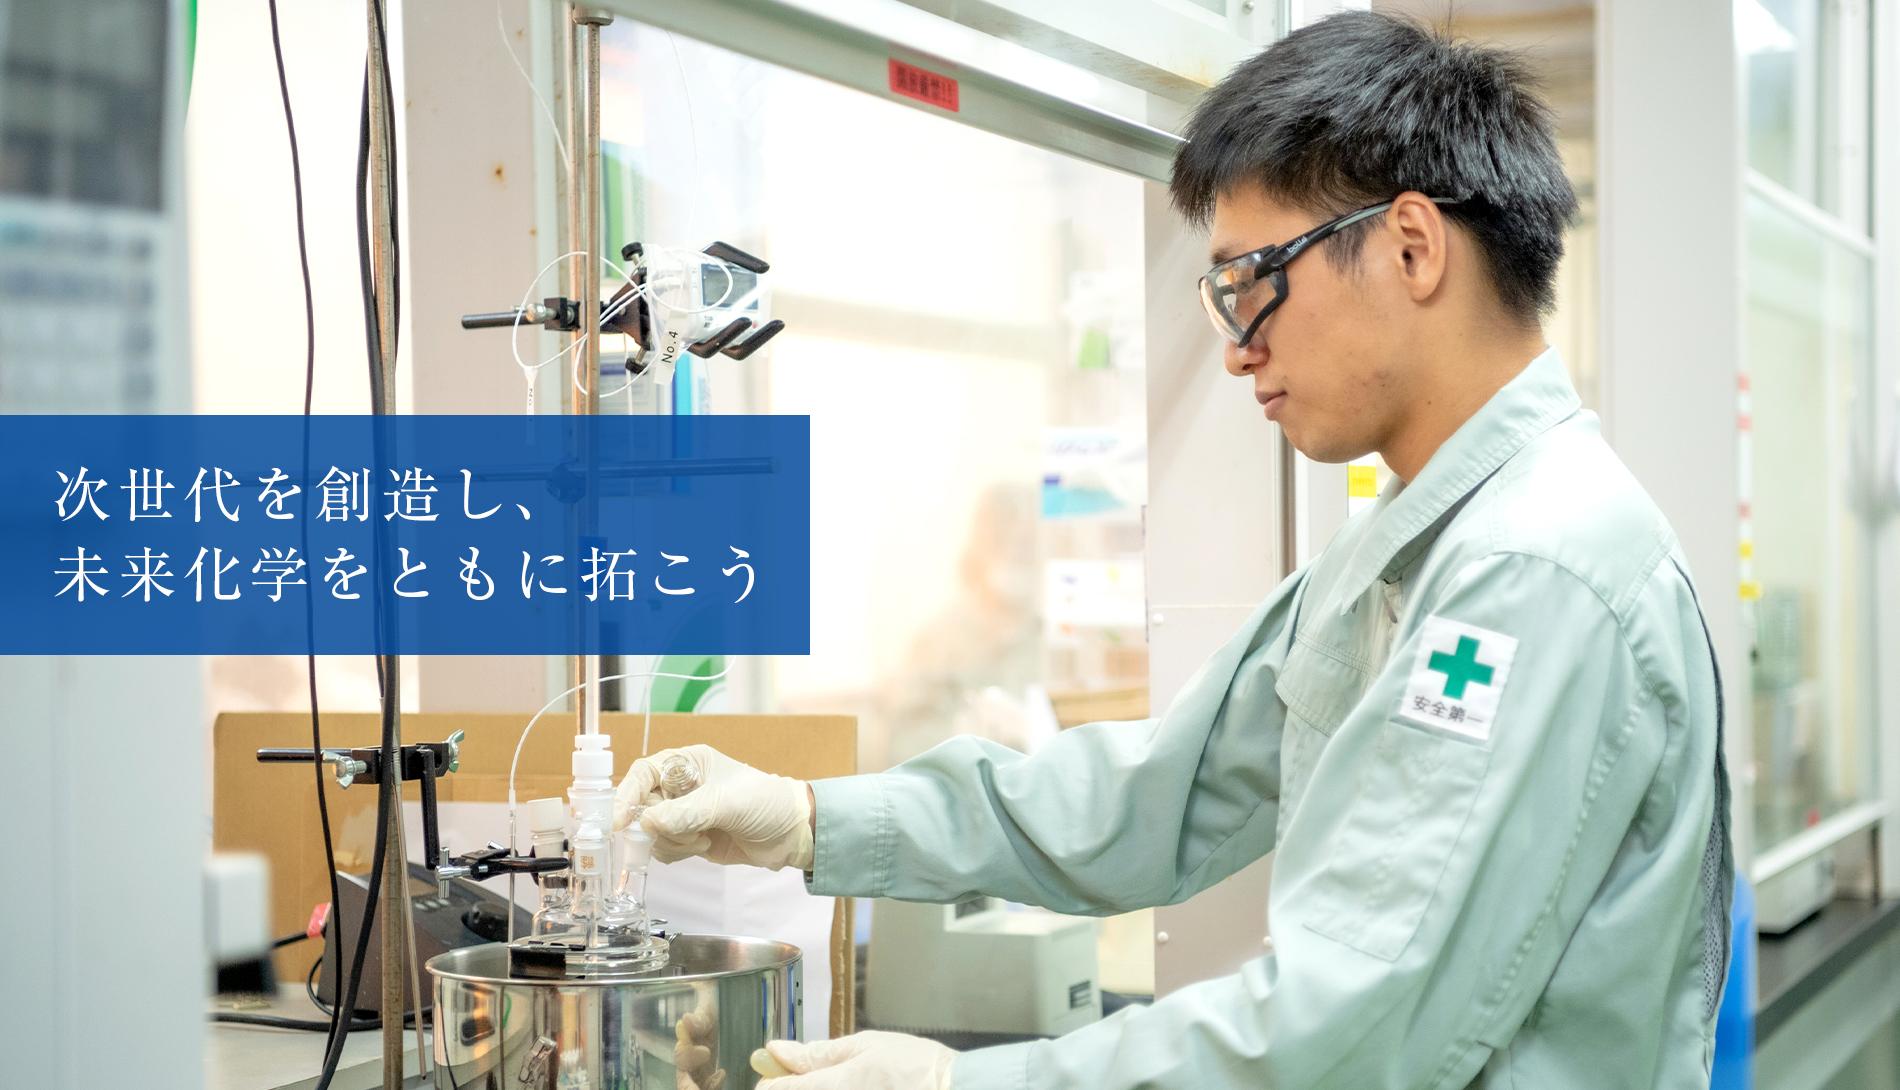 株式会社三宝化学研究所|採用情報